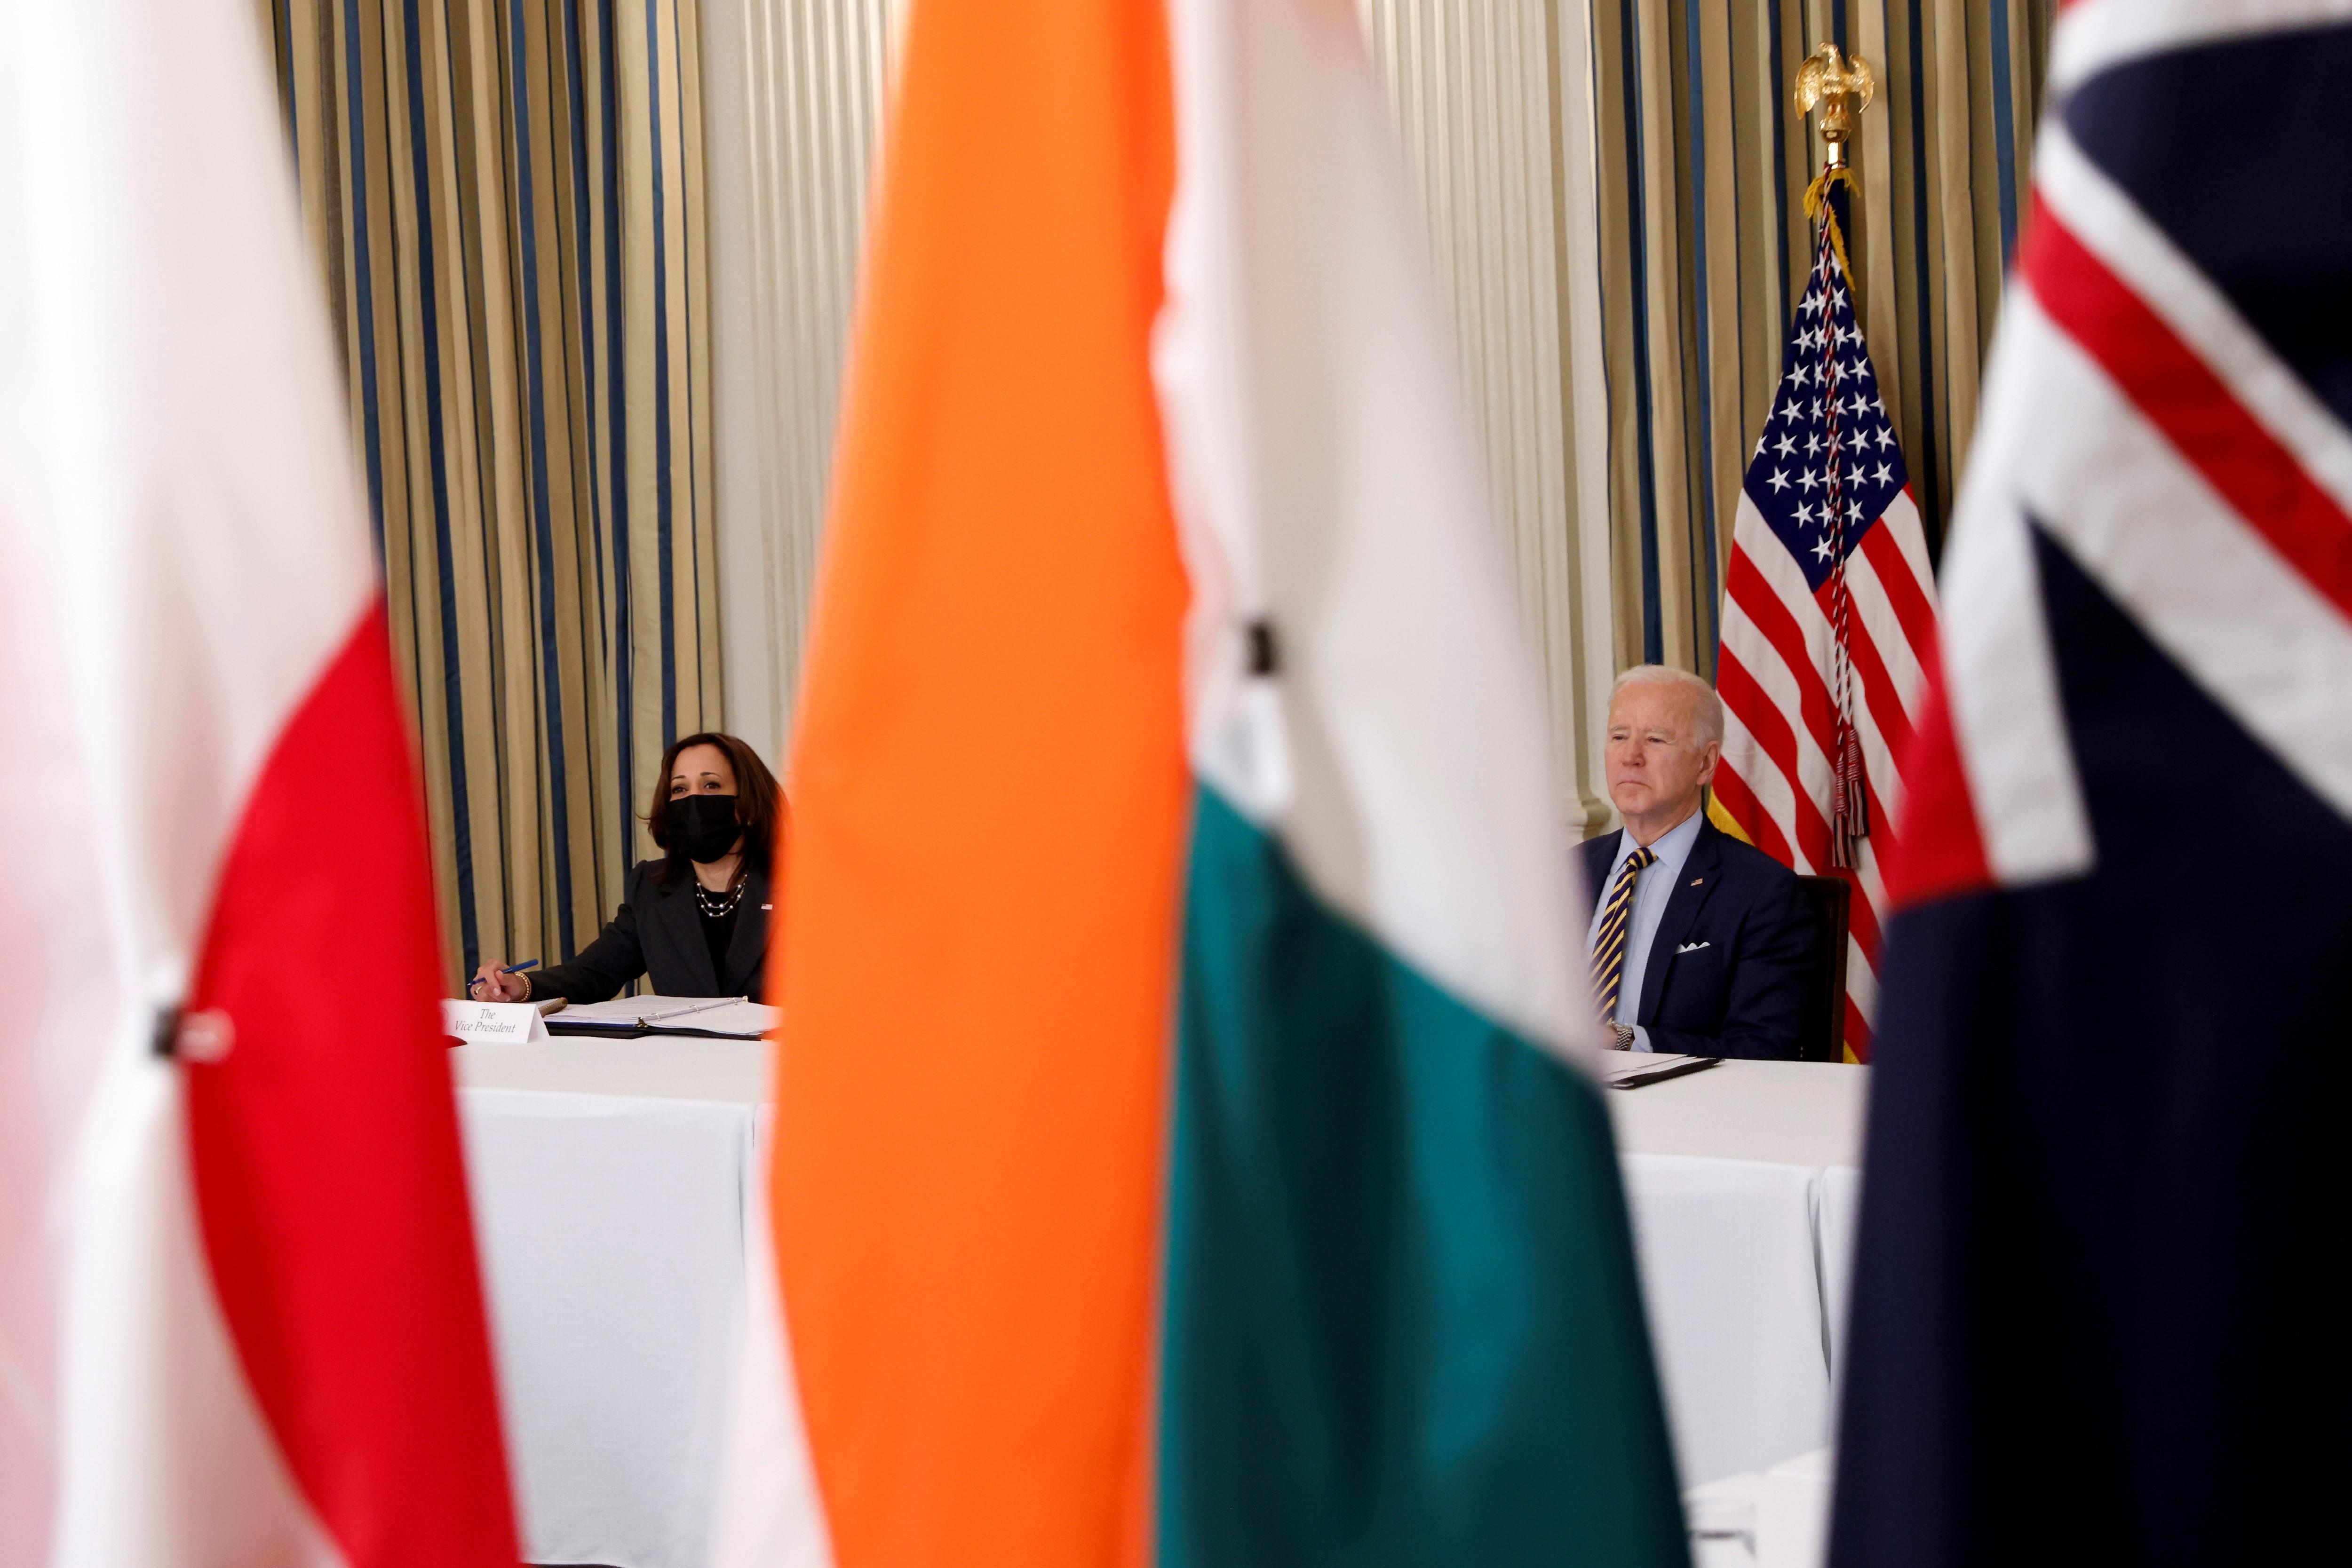 QUAD,美國,日本,印度,澳洲,中國,韓國,布林肯,拜登,菅義偉,印太戰略